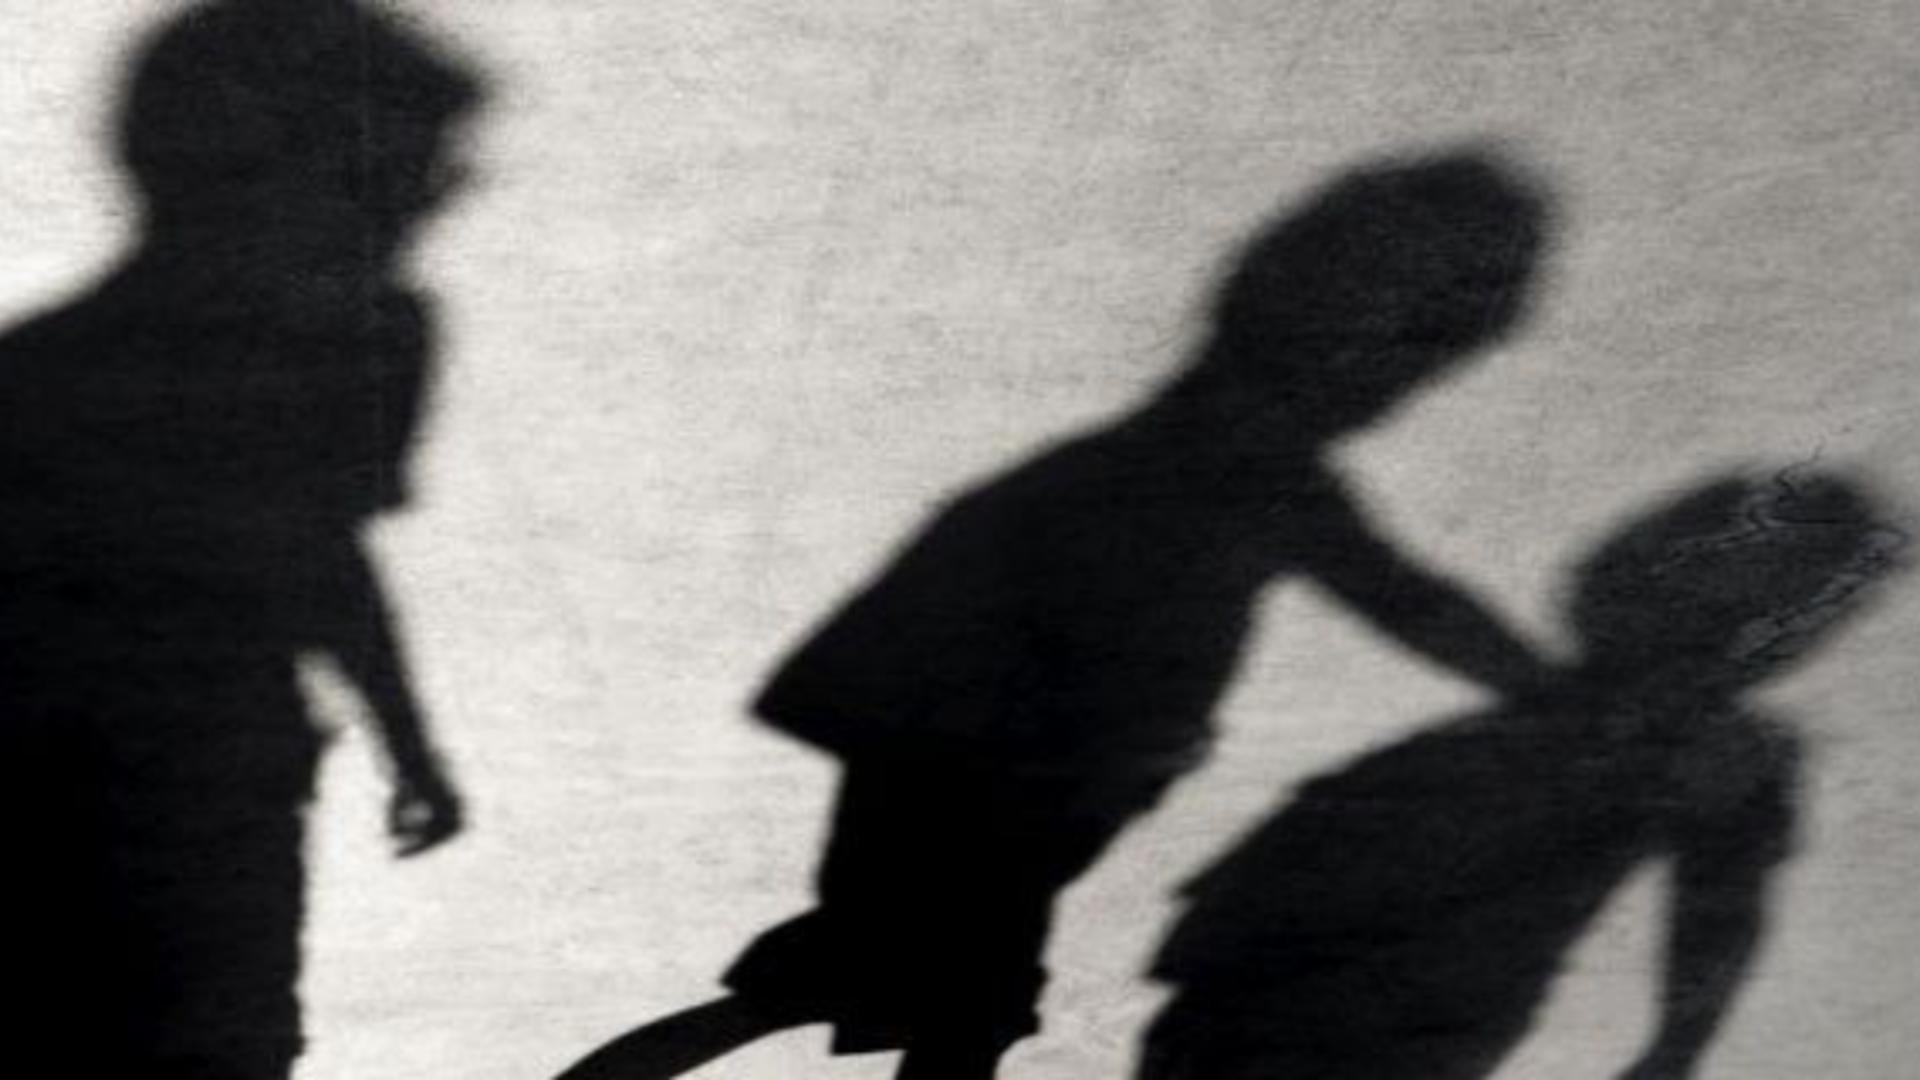 Primele măsuri în cazul revoltător de bullying asupra unei eleve cu nevoi speciale de la un liceu din Timișoara